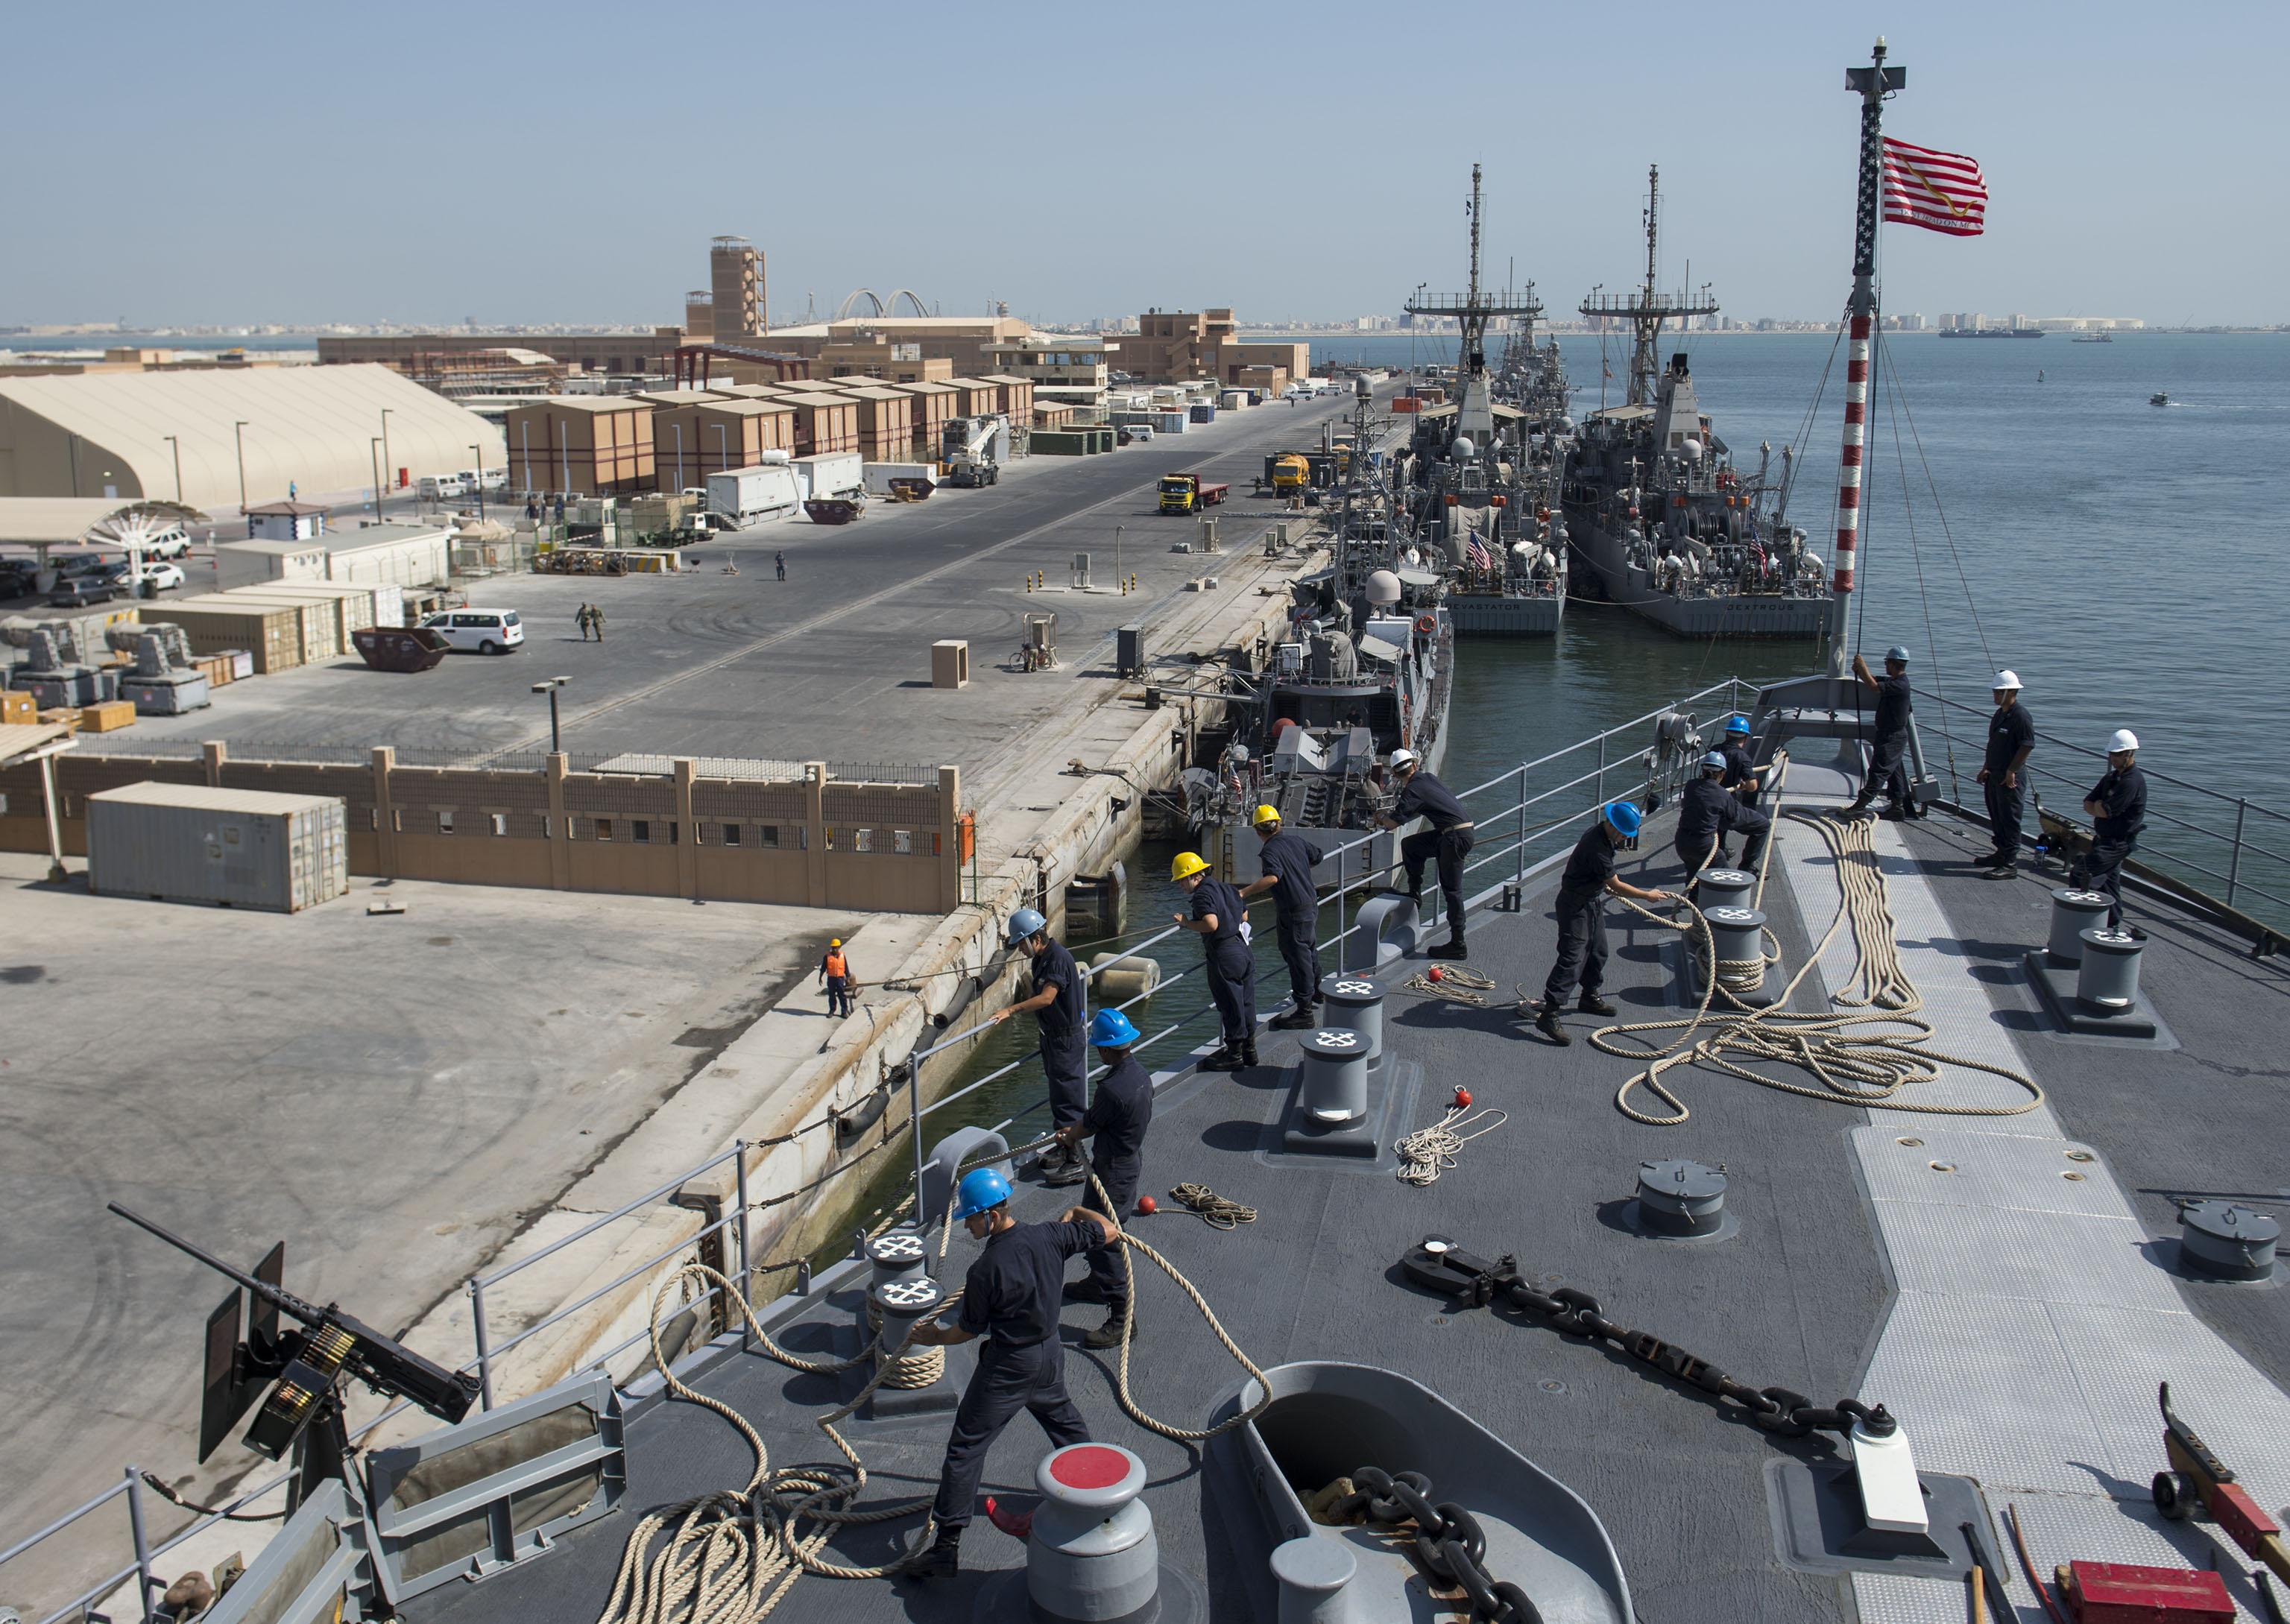 ESPECIAL MINA SALAM: Estados Unidos preparam nova ampliação da base da 5ª Frota no Bahrein